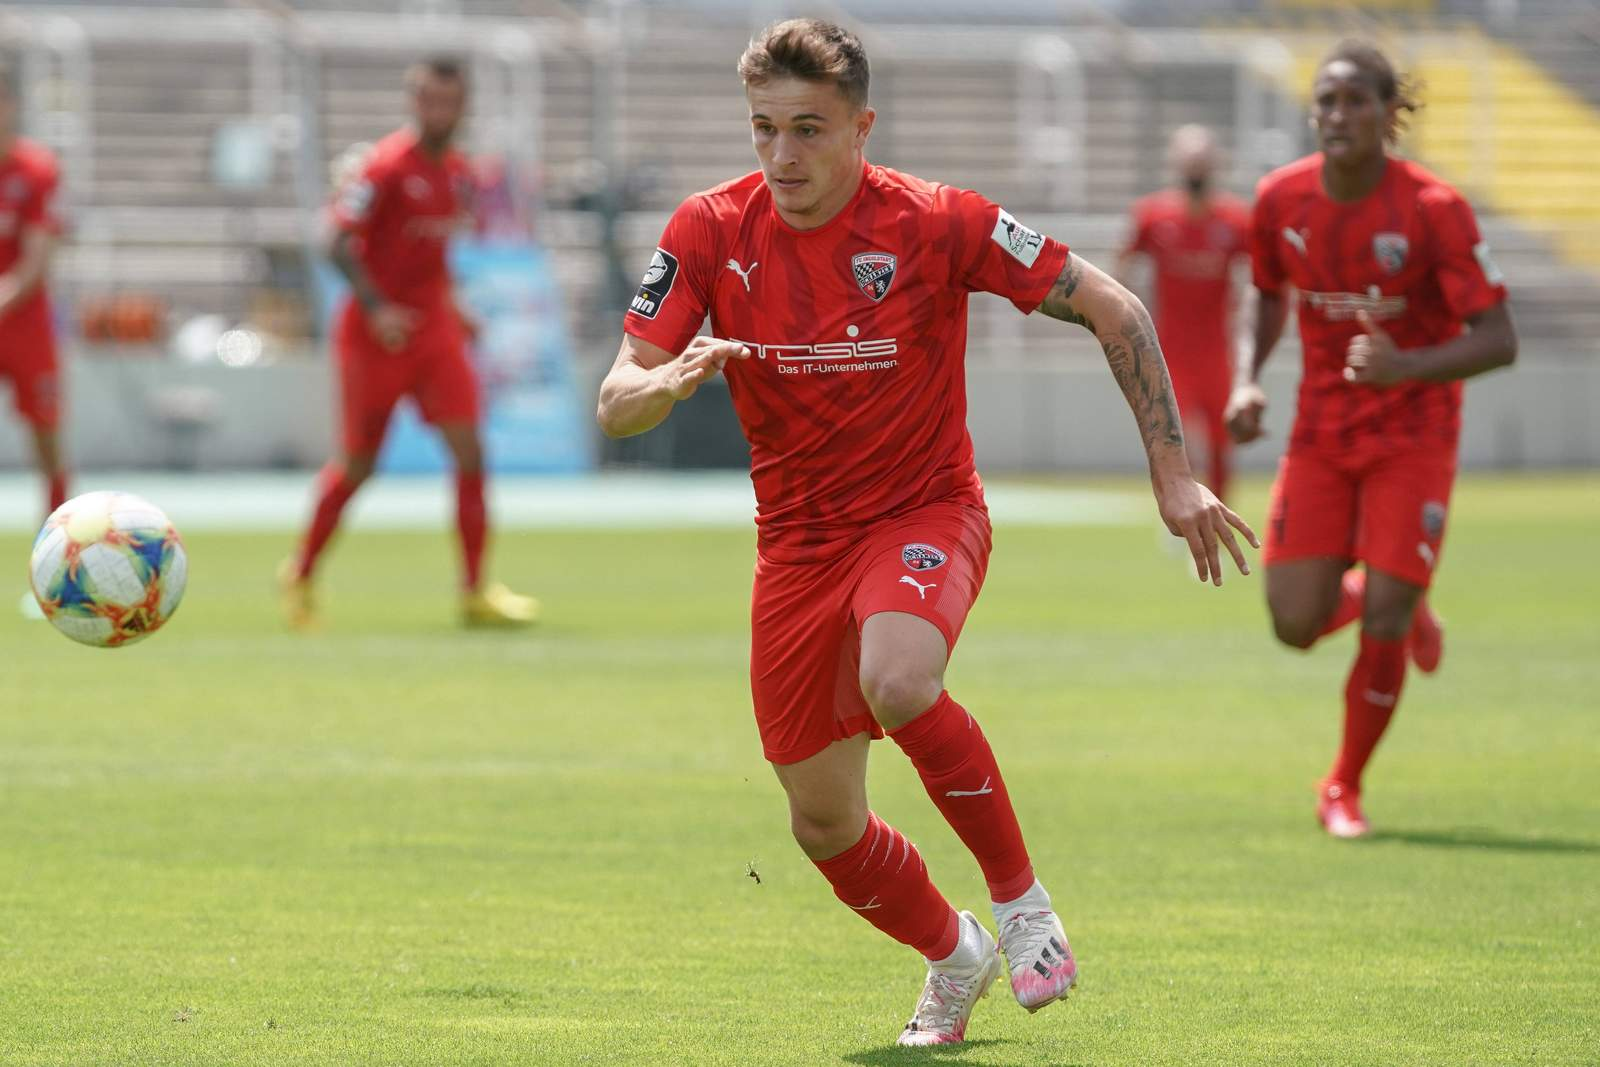 Dennis Eckert Ayensa vom FC Ingolstadt